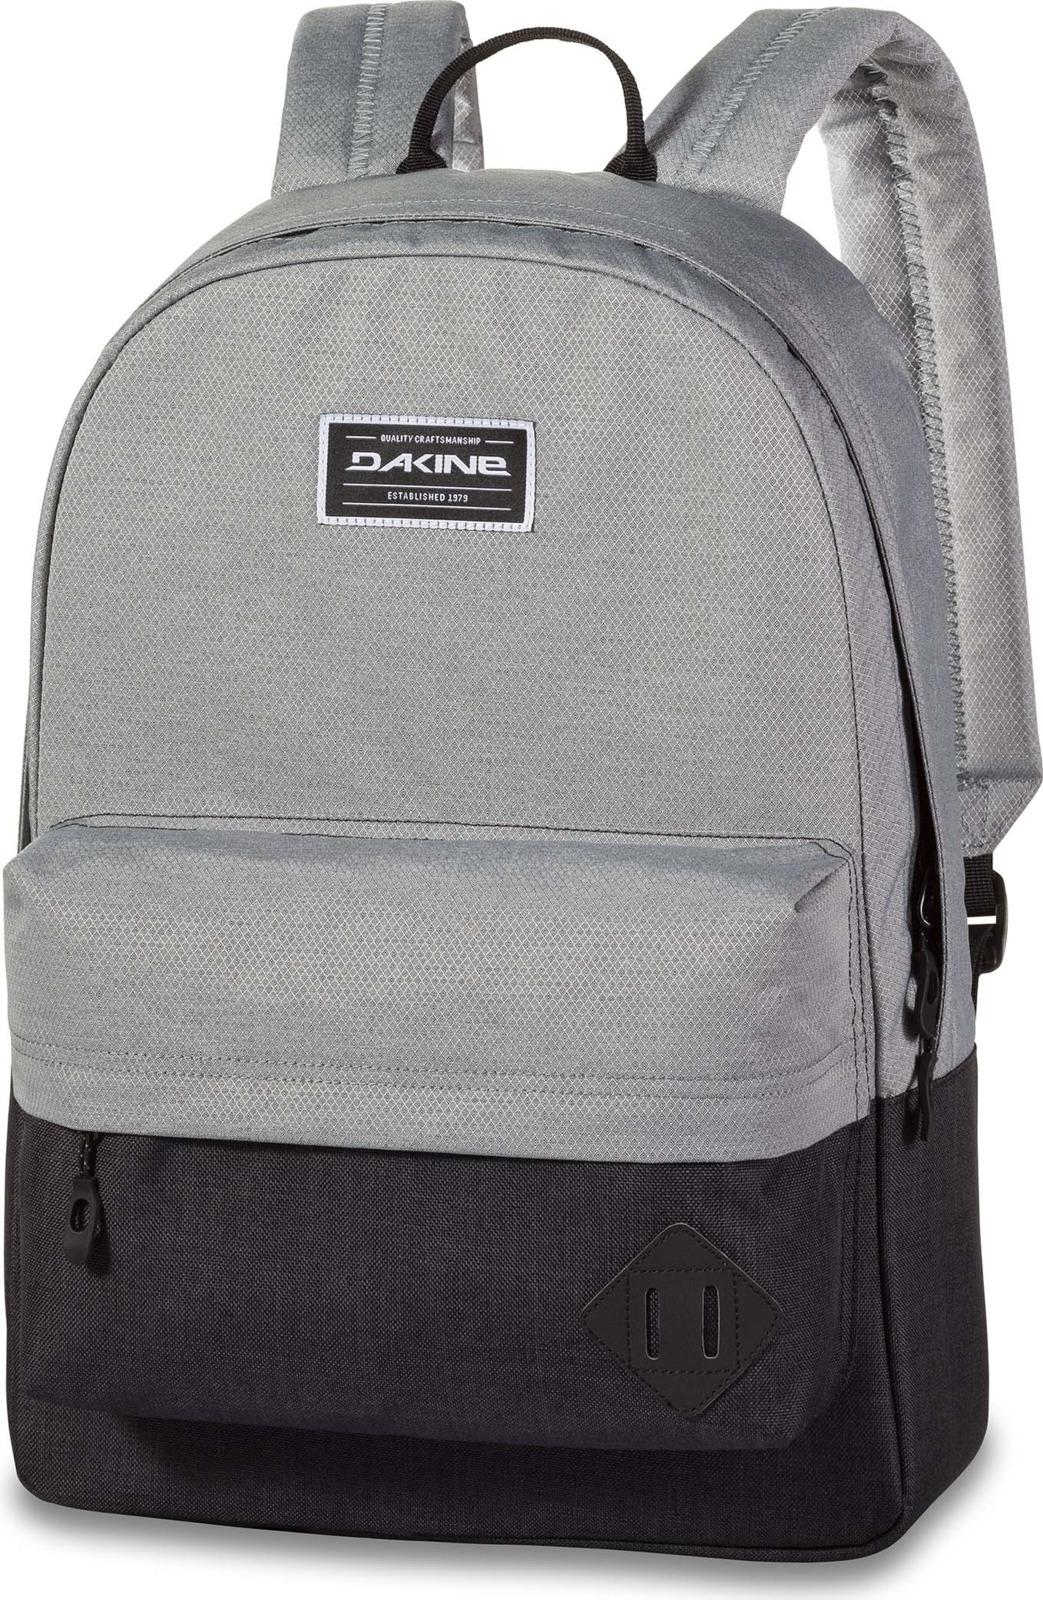 Рюкзак Dakine 365 Pack, цвет: серый, черный, 21 л dakine рюкзак dakine dk 365 dewilde 21 л